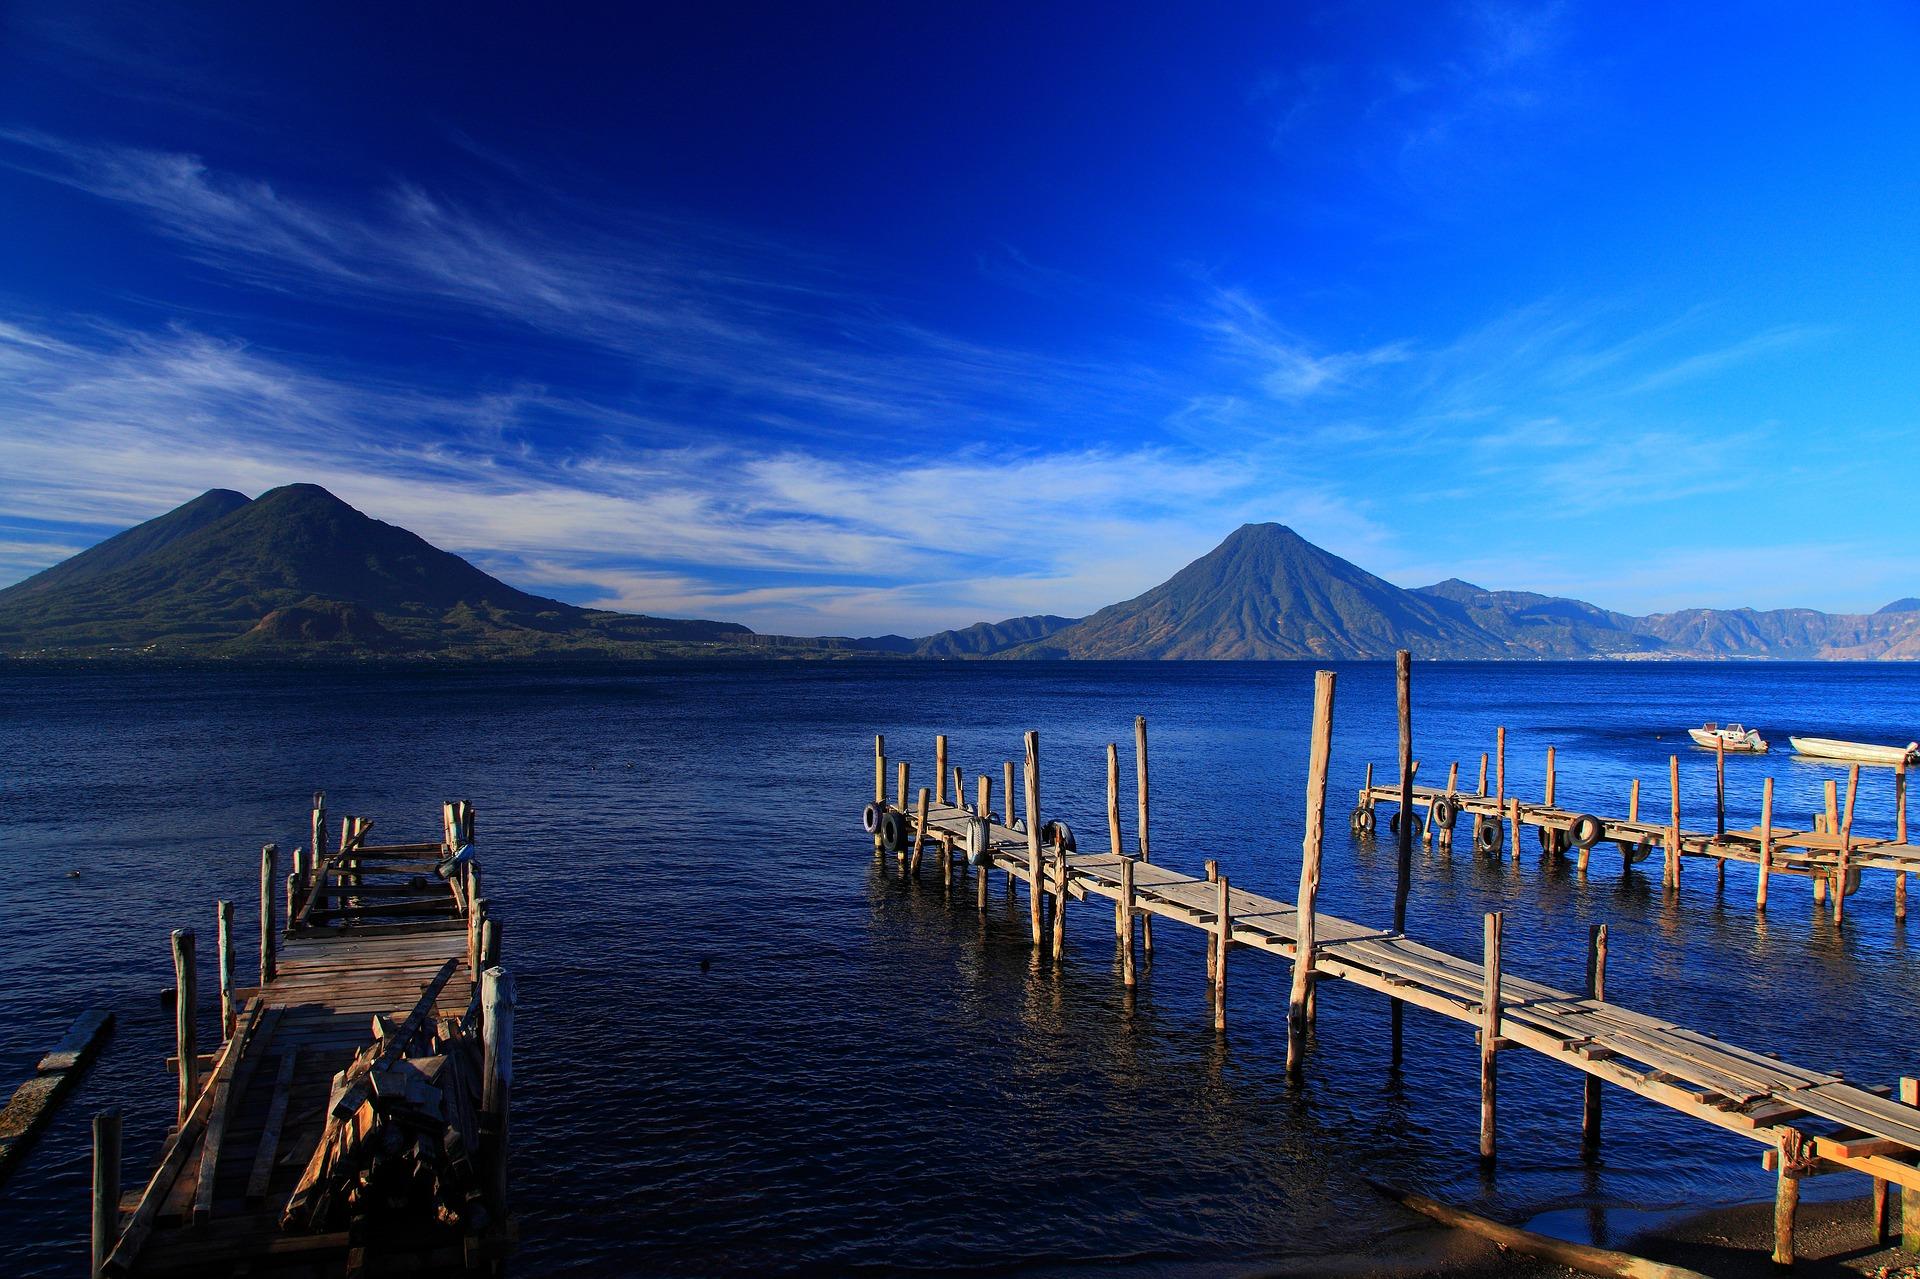 Obtain Guatemala Passport